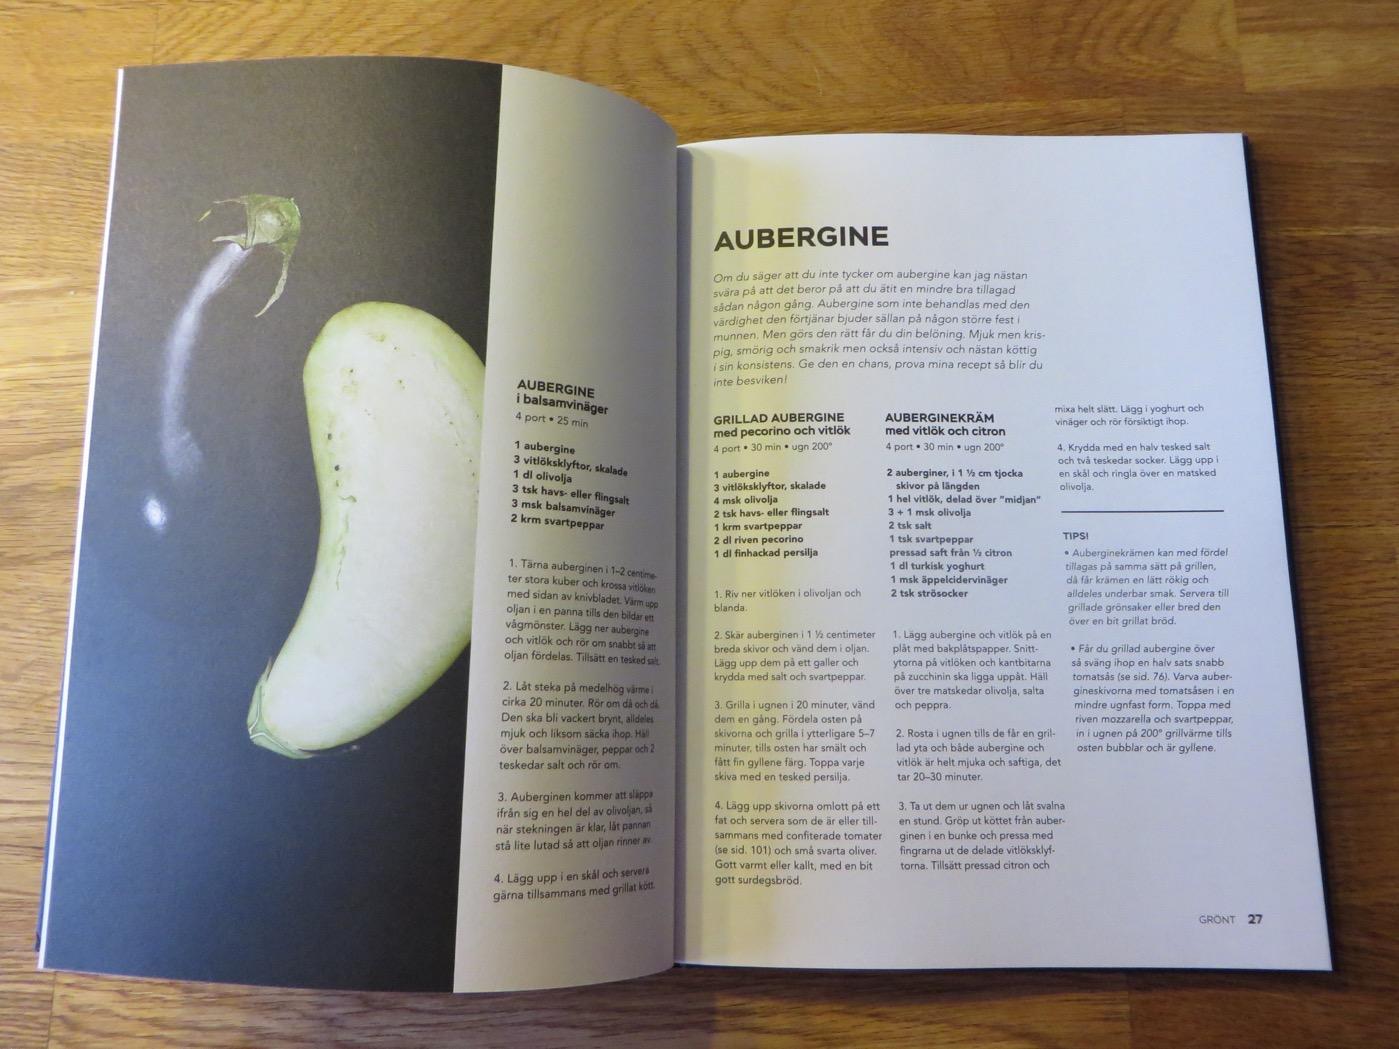 Spännande recept med Aubergine.